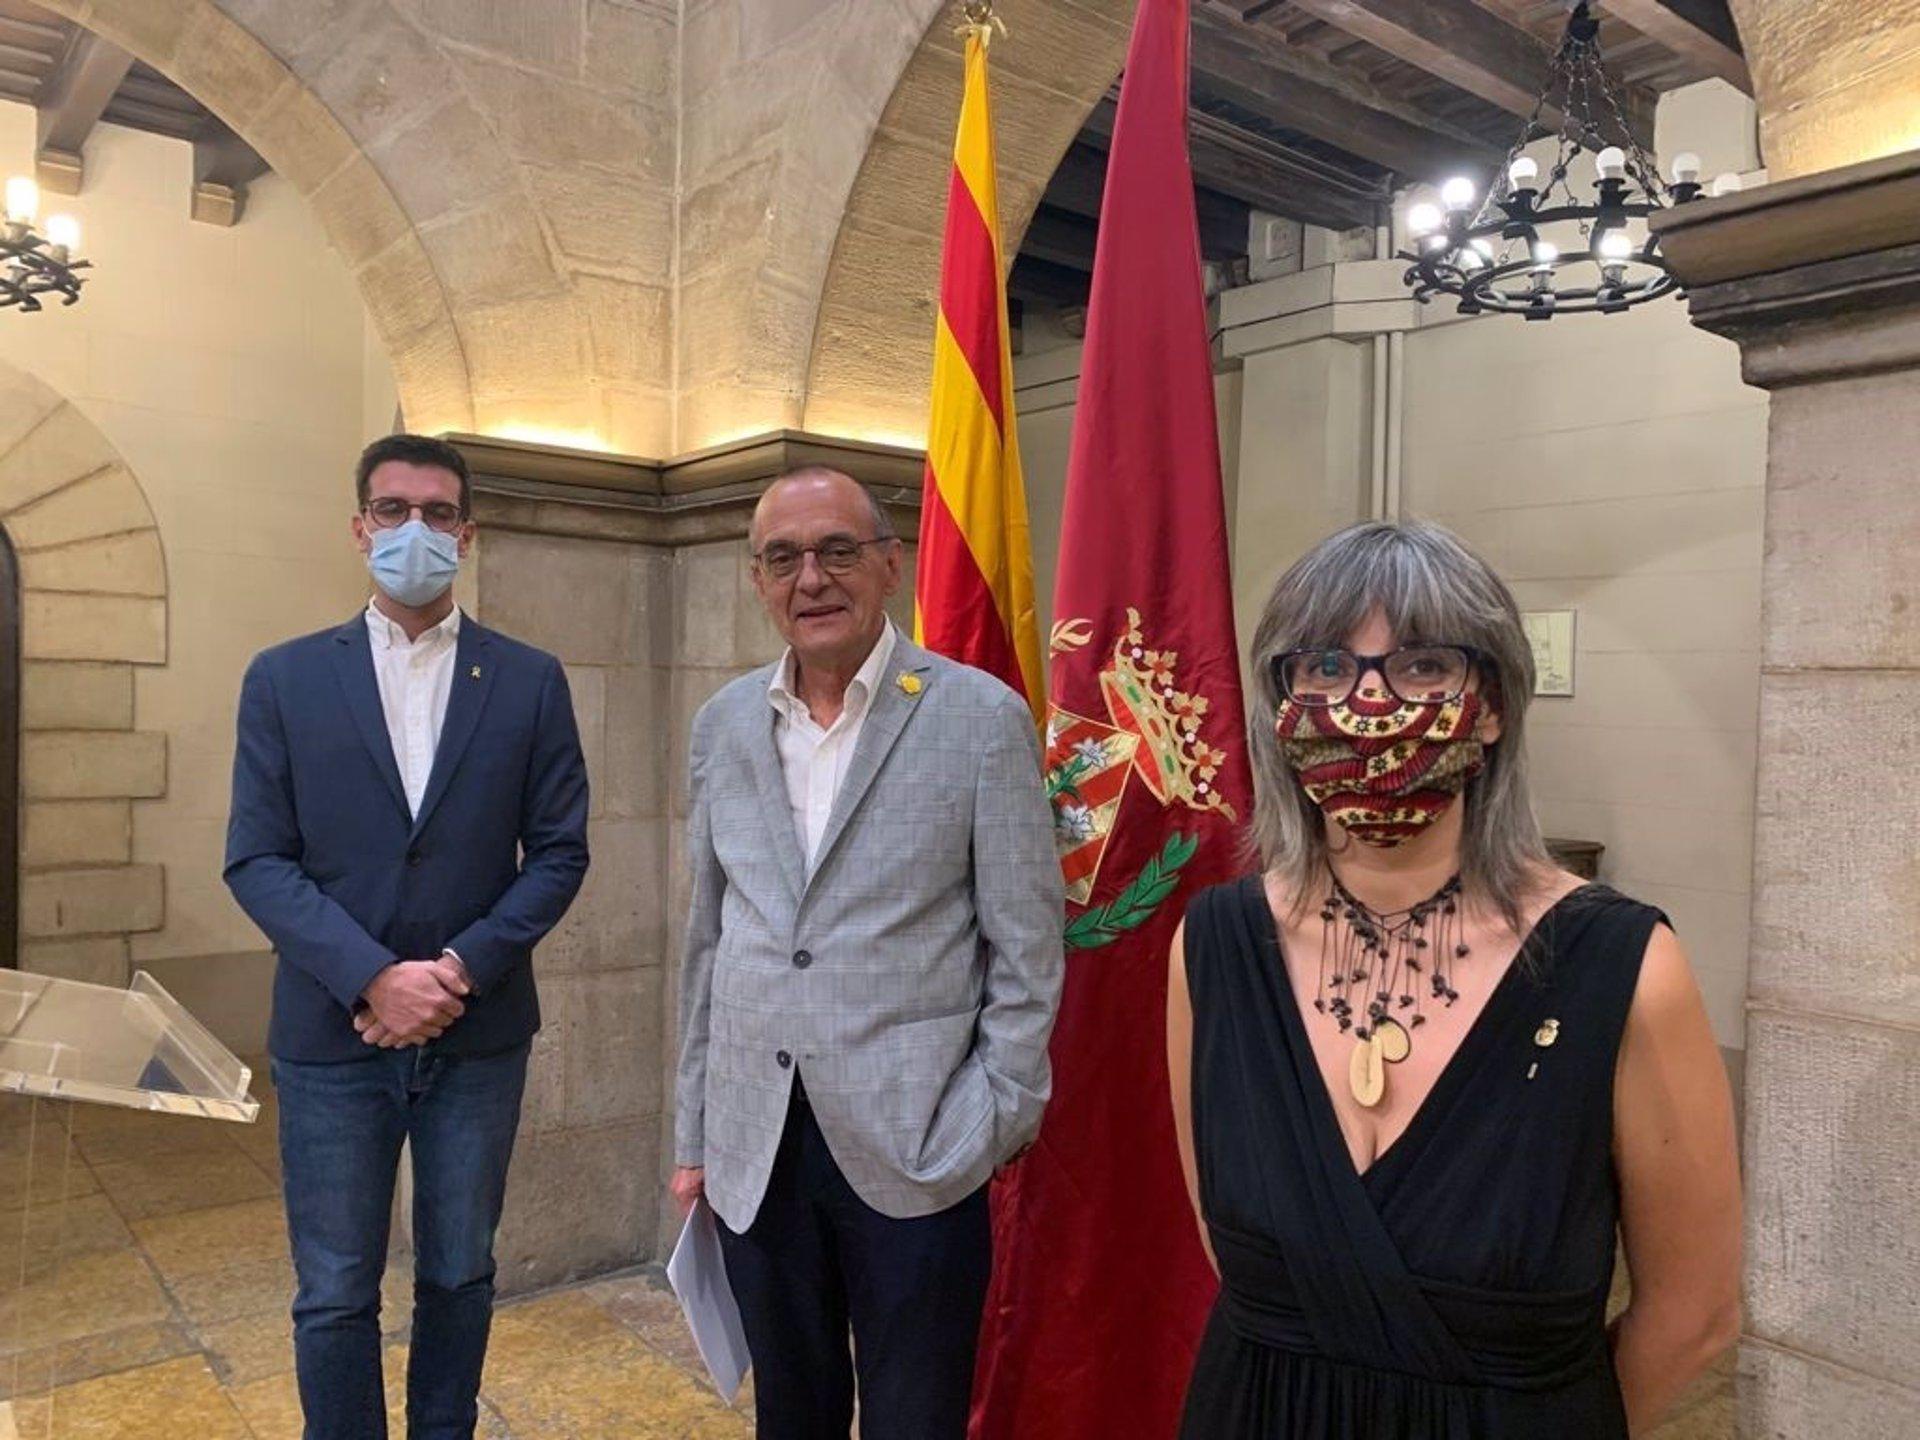 L'alcalde de Lleida, Miquel Pueyo, al centre, amb el tinent d'alcalde Toni Postius (Junts) i la tinent d'alcalde Sandra Castro (ERC) / Europa Press